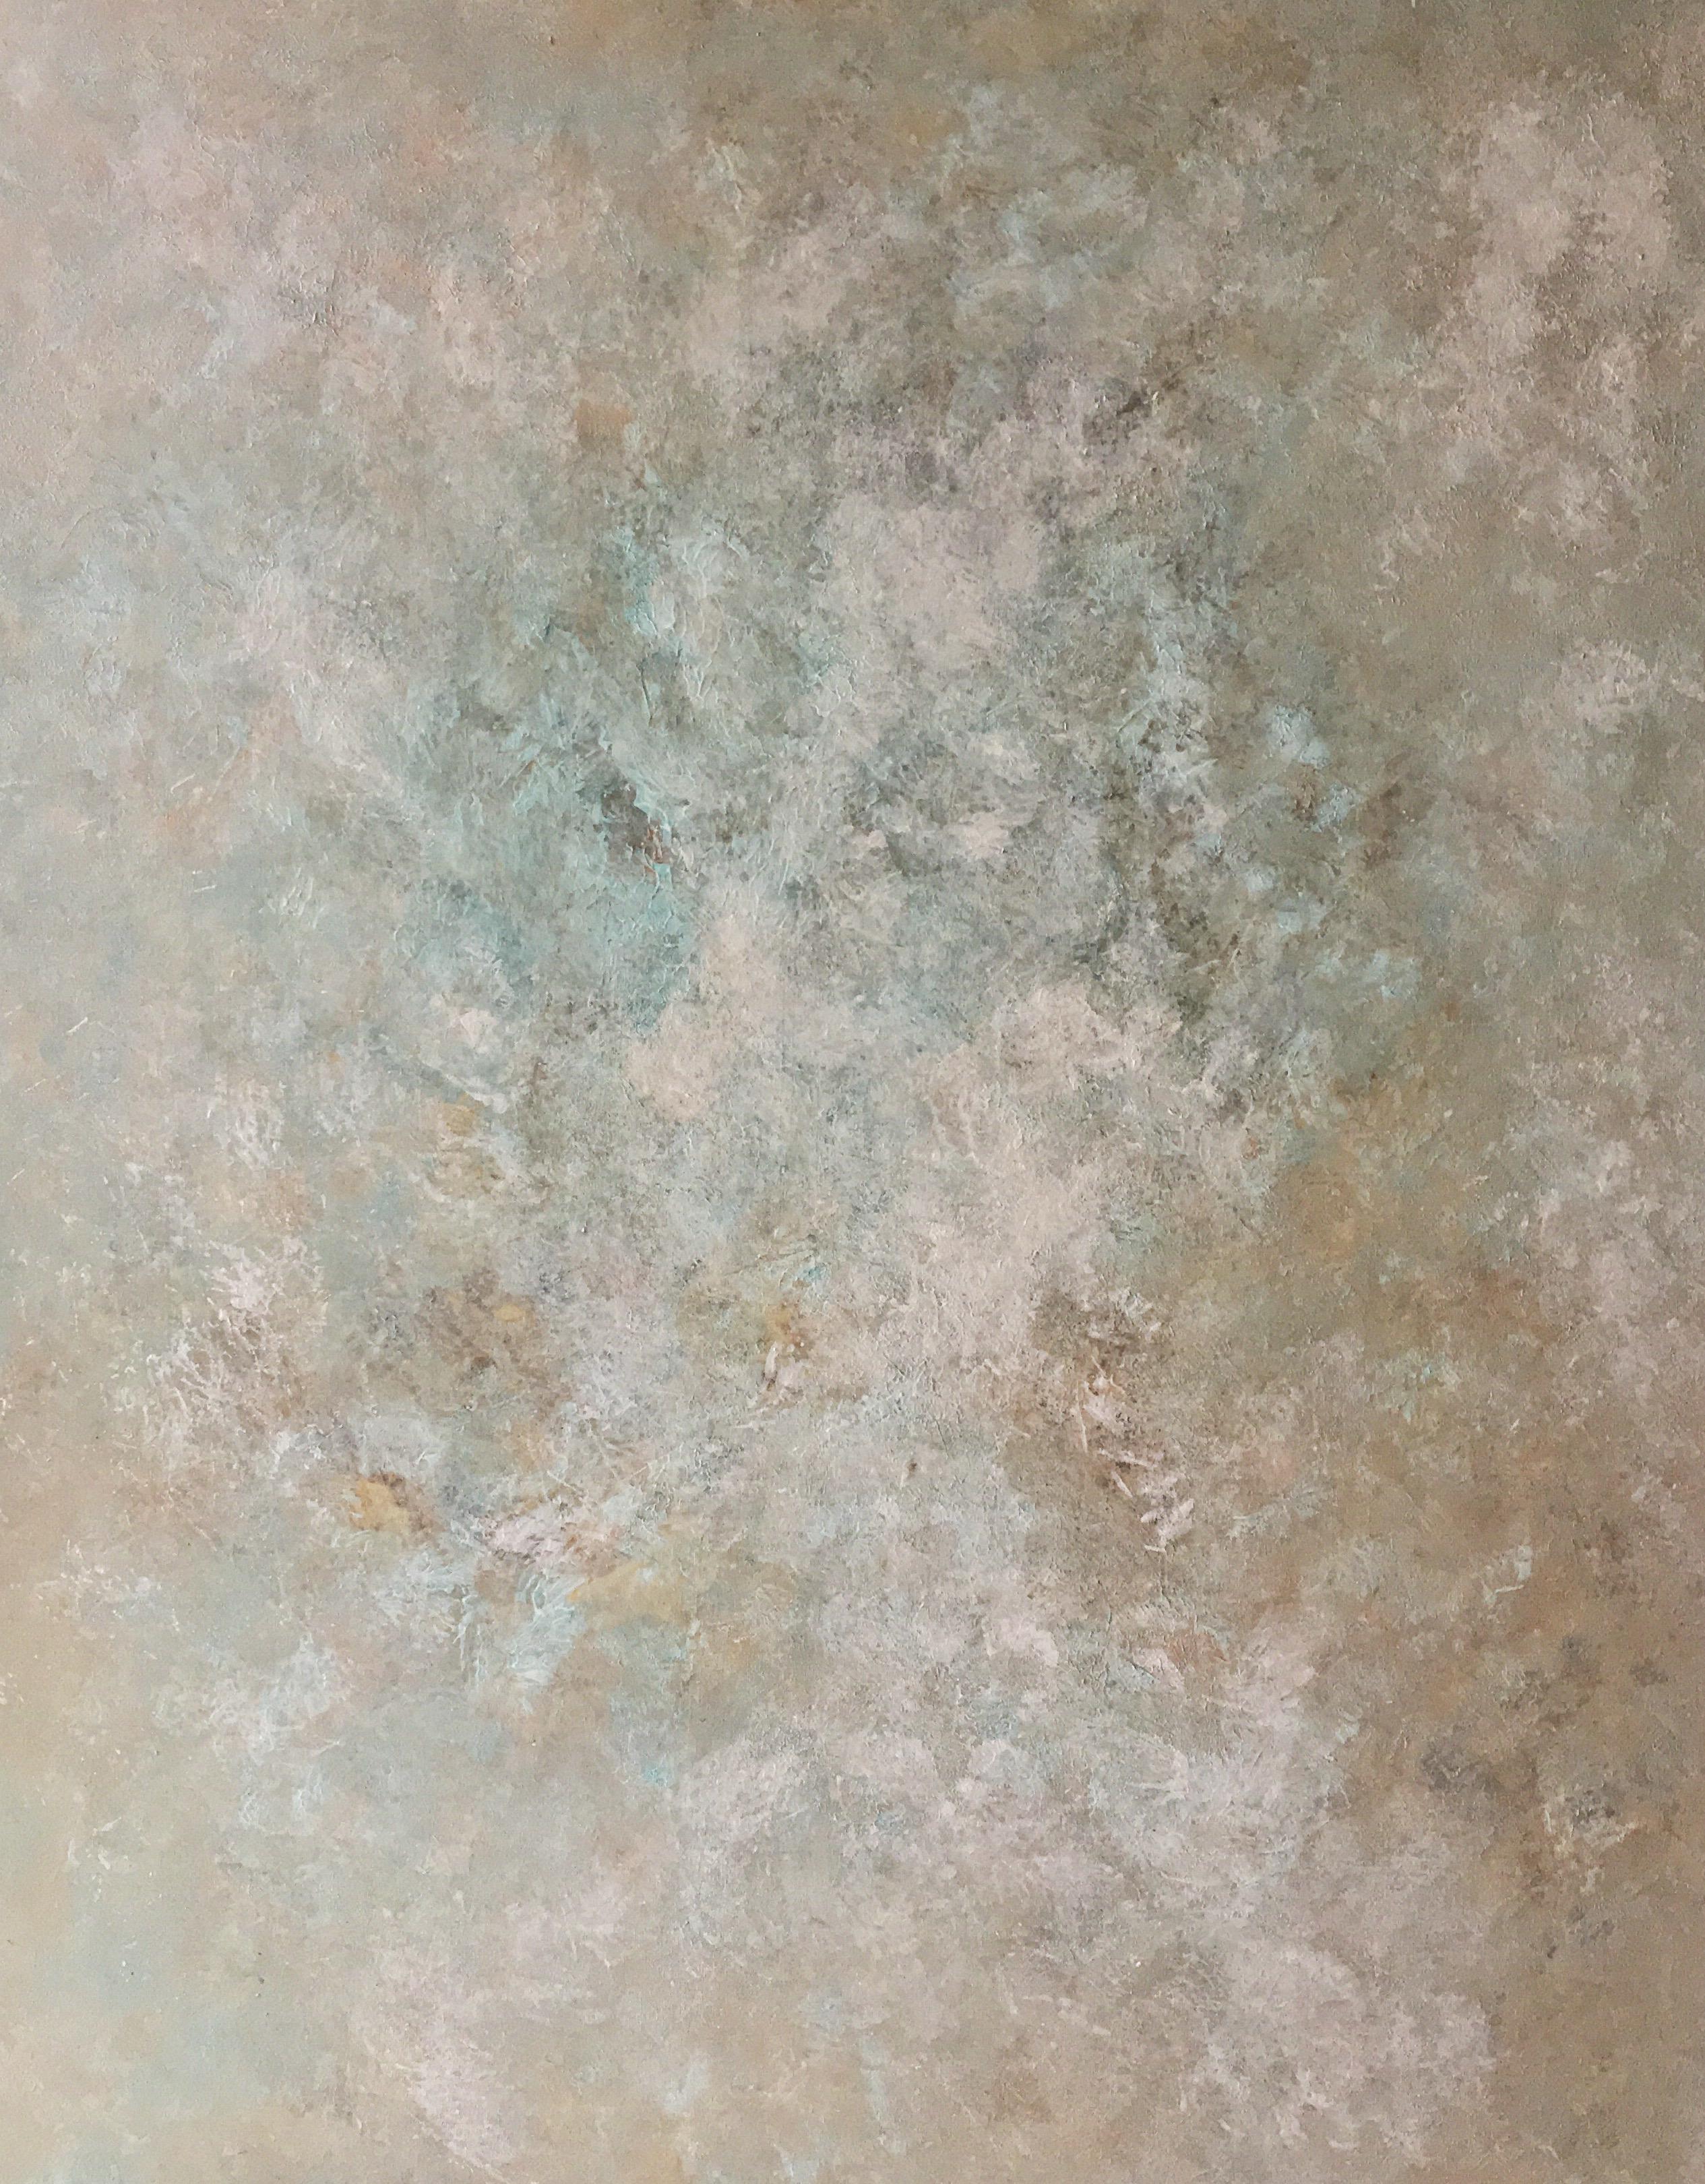 Marine Bonzom - Artiste Peintre Biarritz - Amundsen